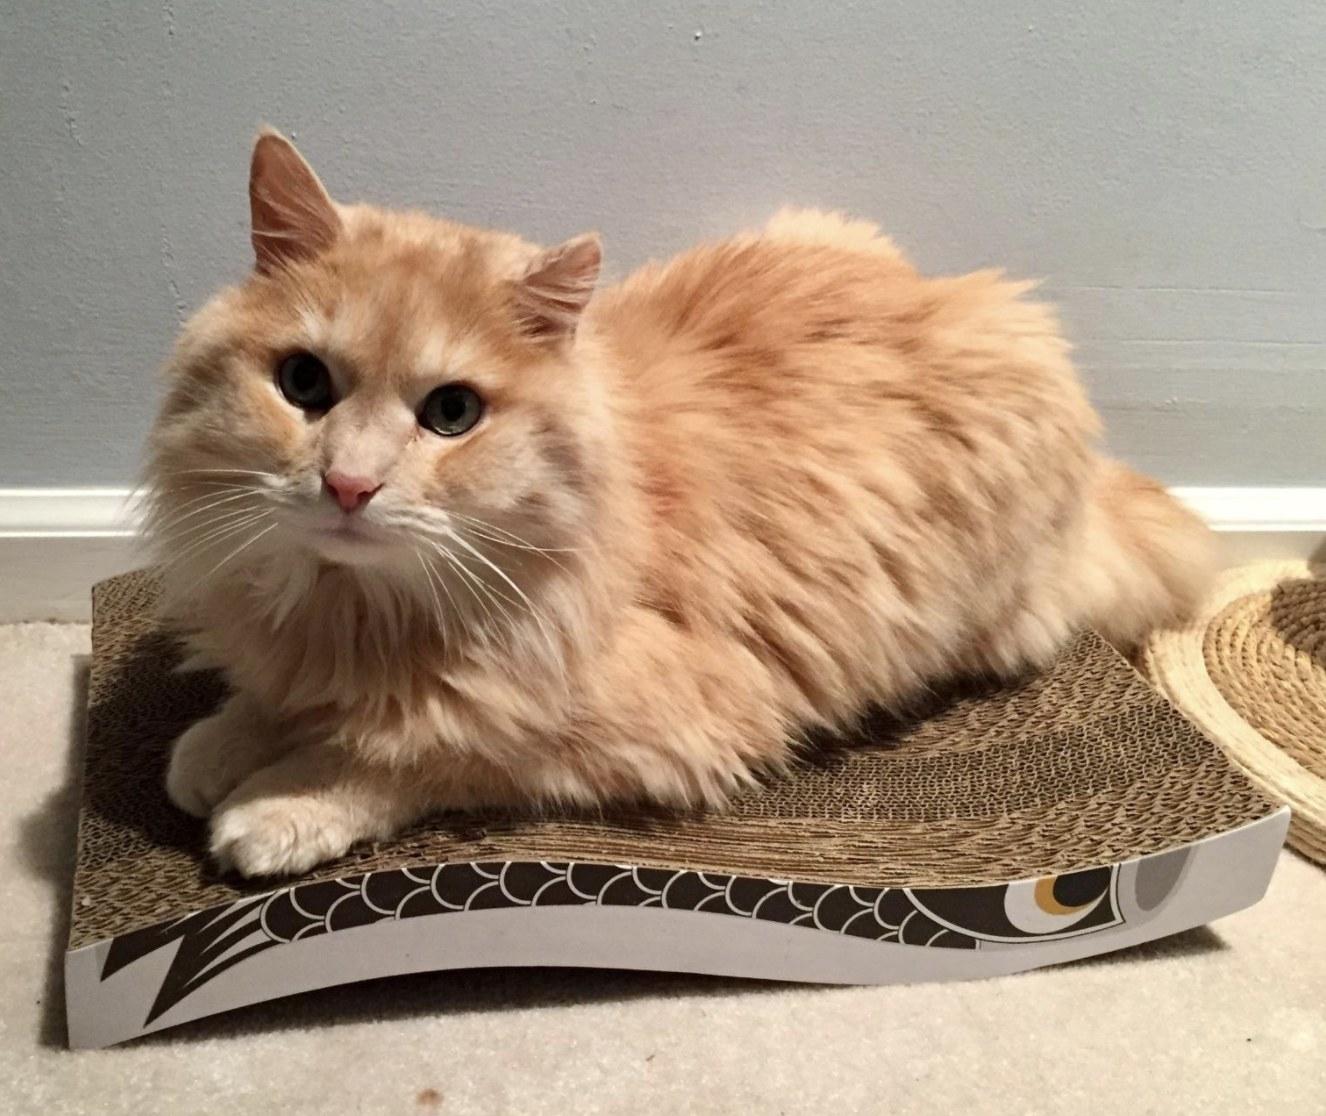 An orange cat sitting on top of a cardboard cat scratcher